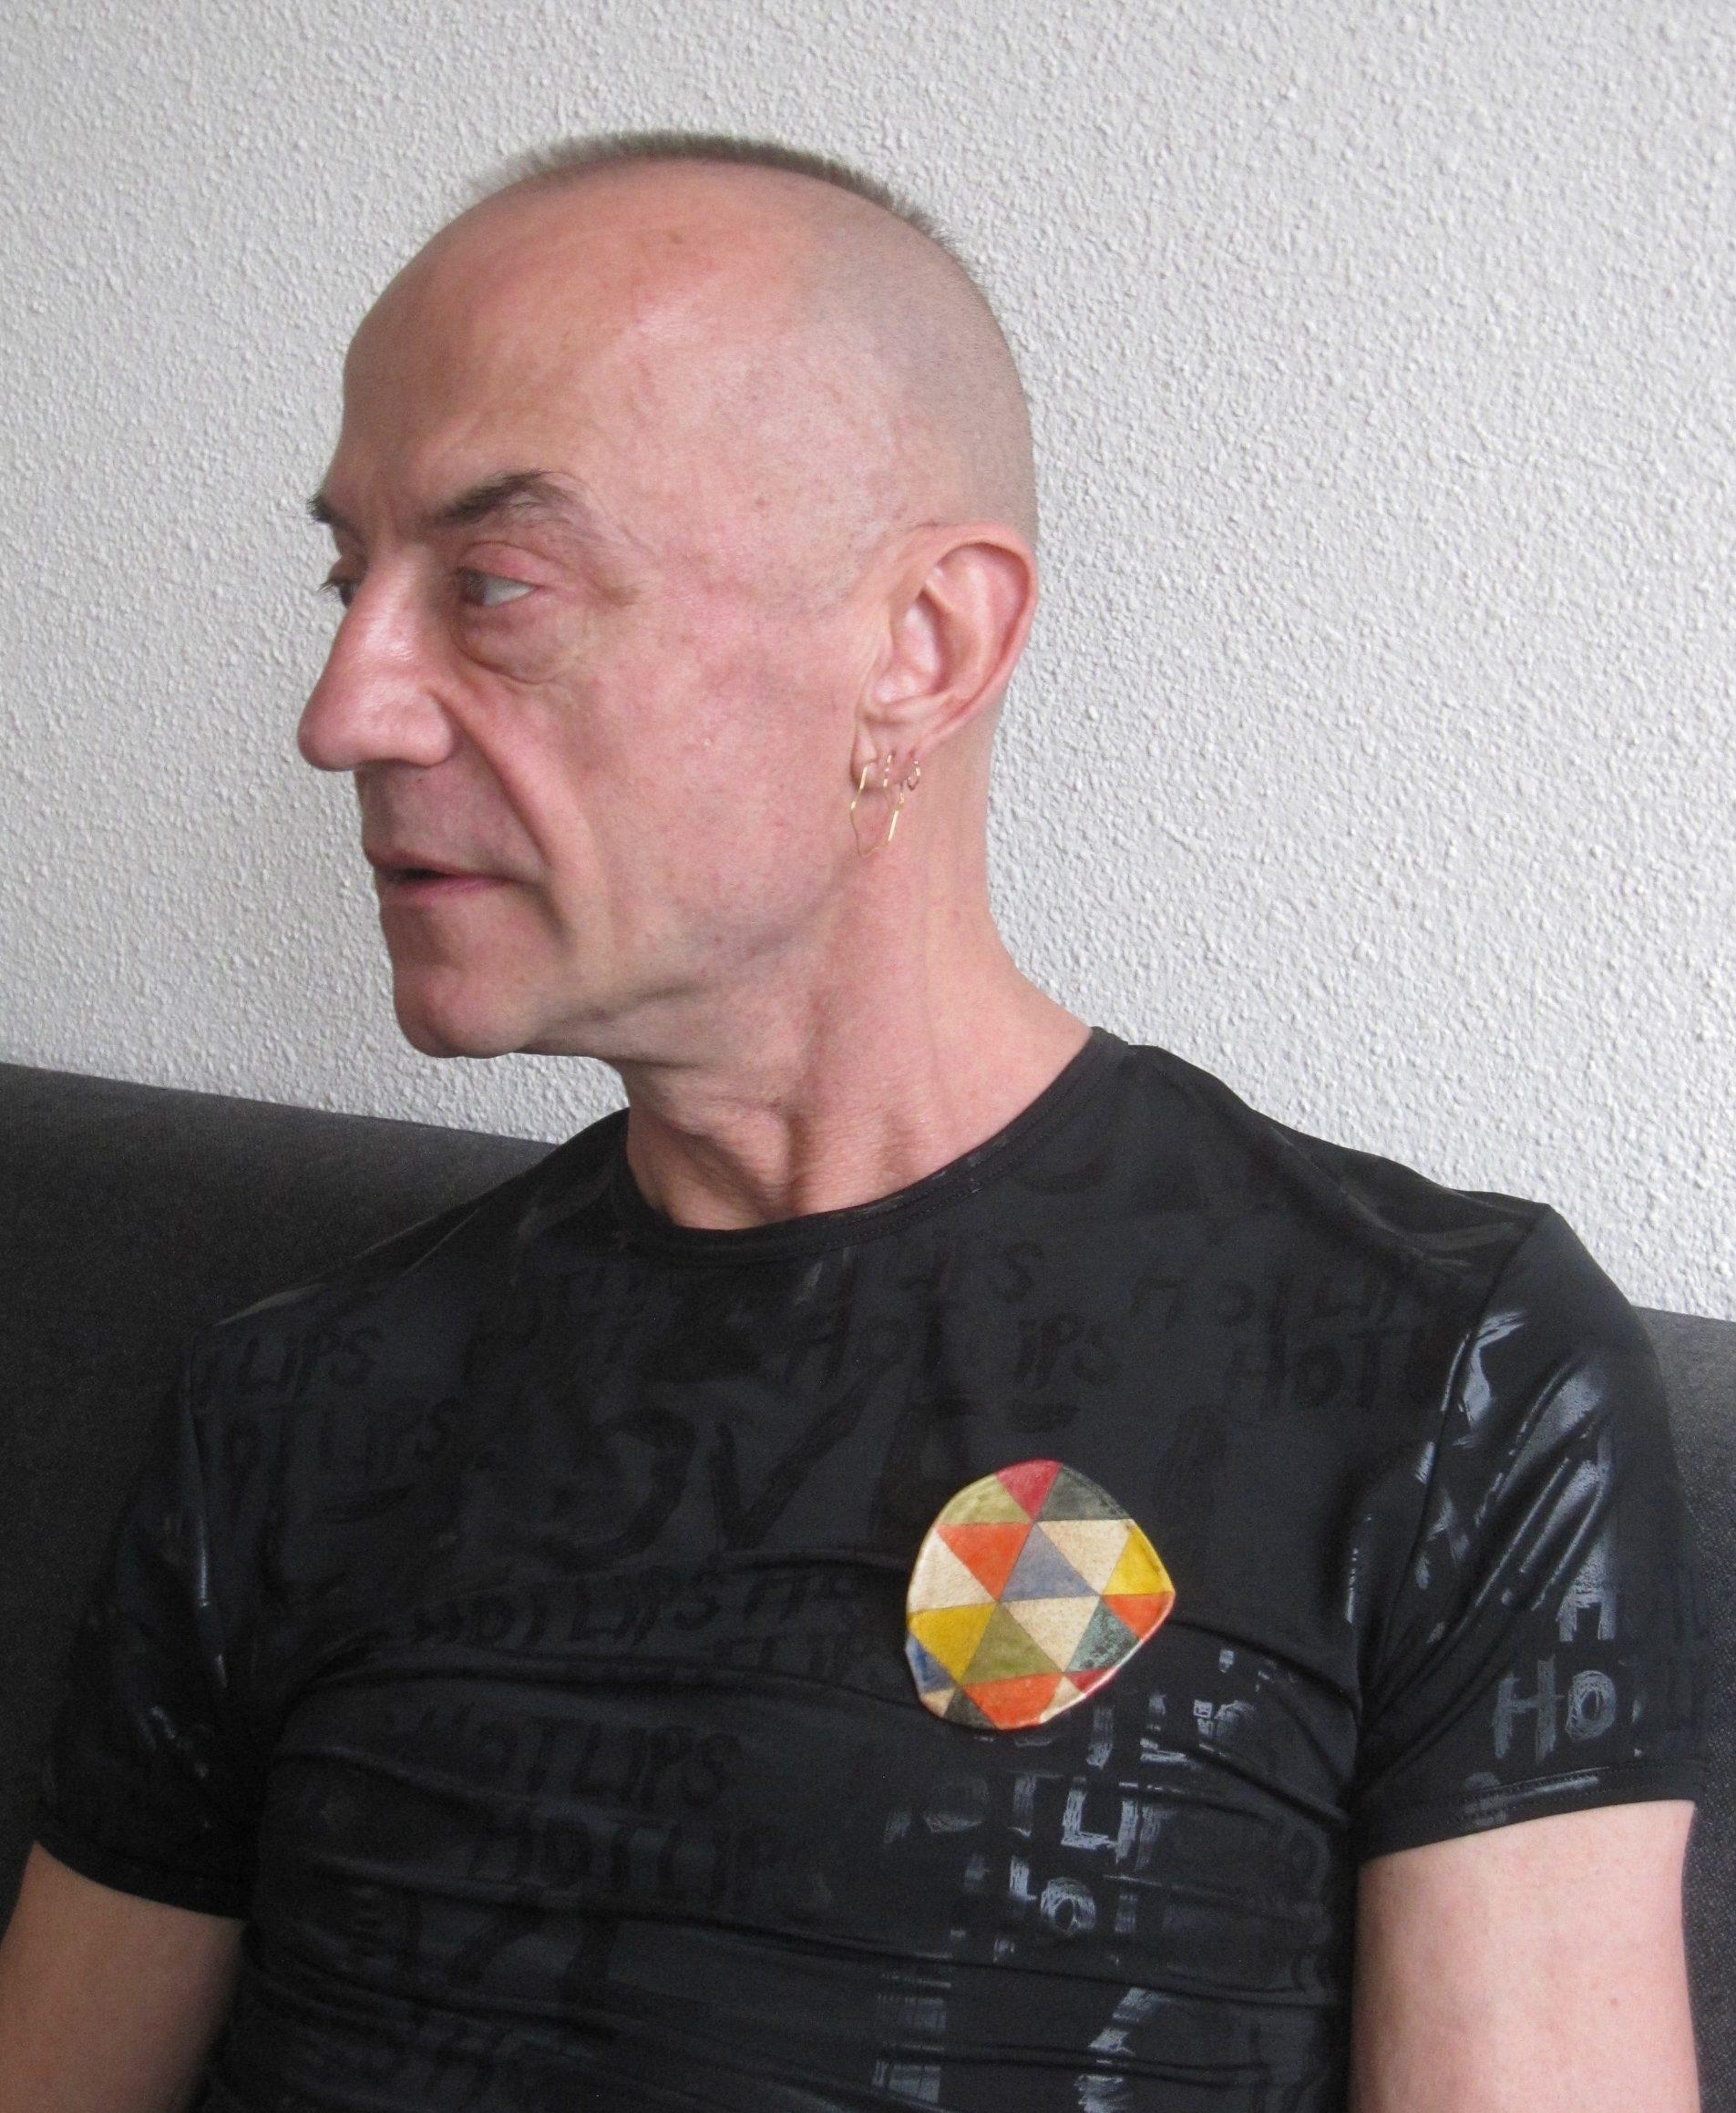 Jeldrik Oorthuys draagt Iene Ambars broche Letters to my Friends, portret